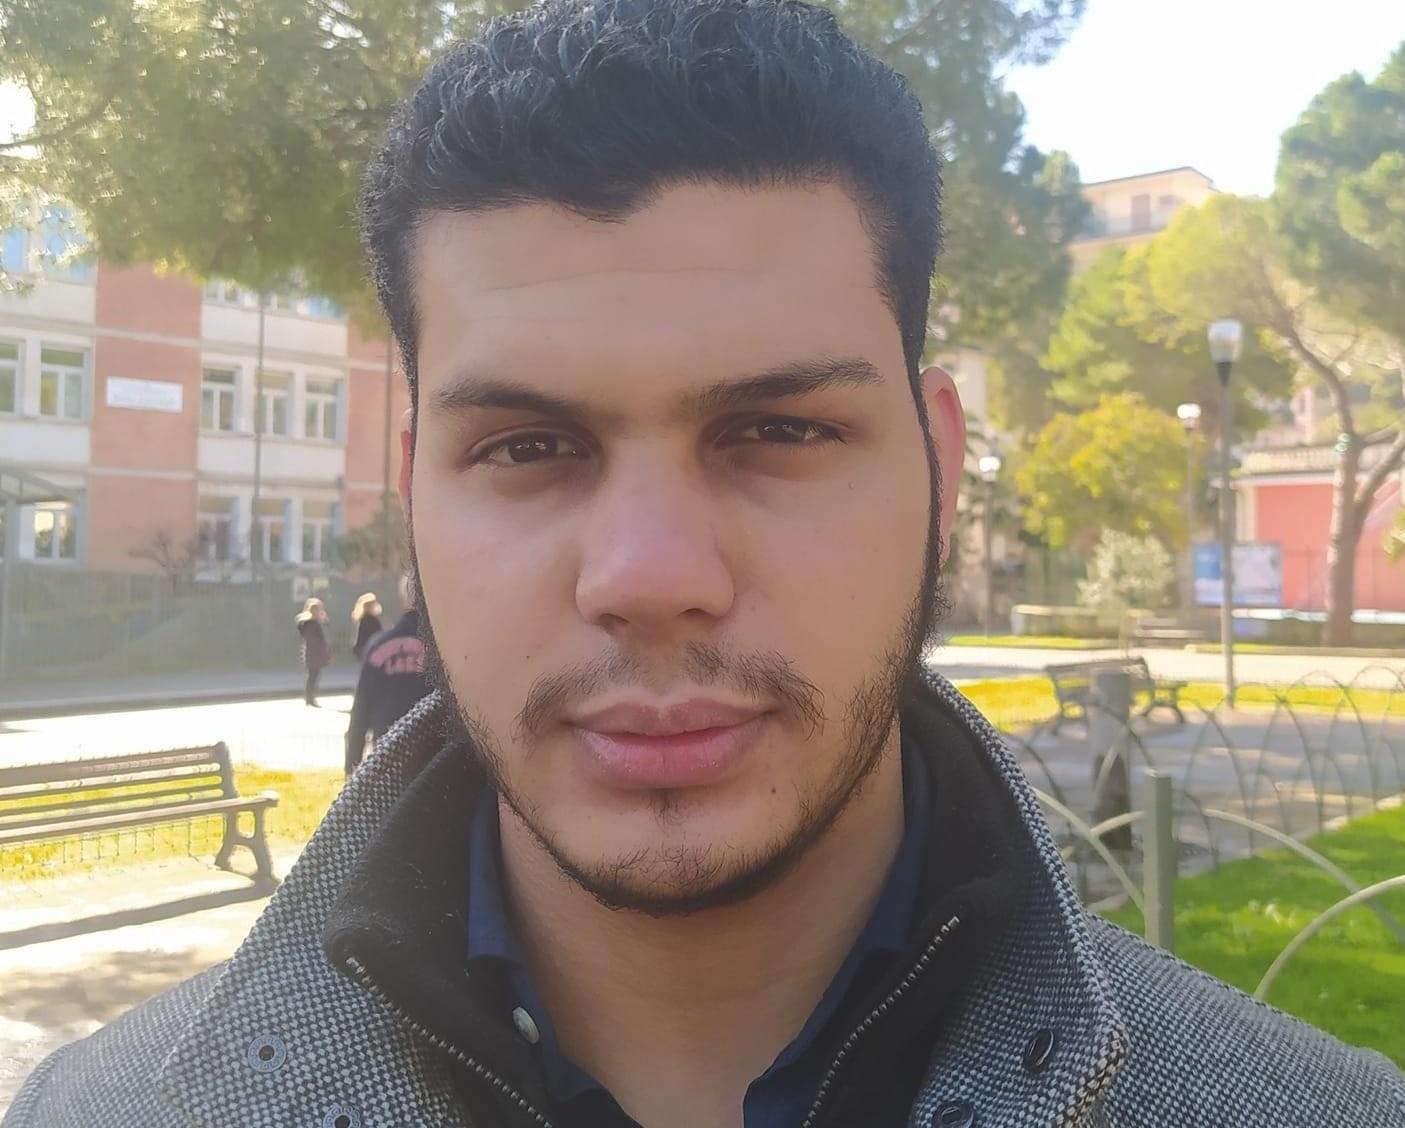 Agropoli: insulti razziali per Amin, l'italo-tunisino candidato a sindaco -  Info Cilento